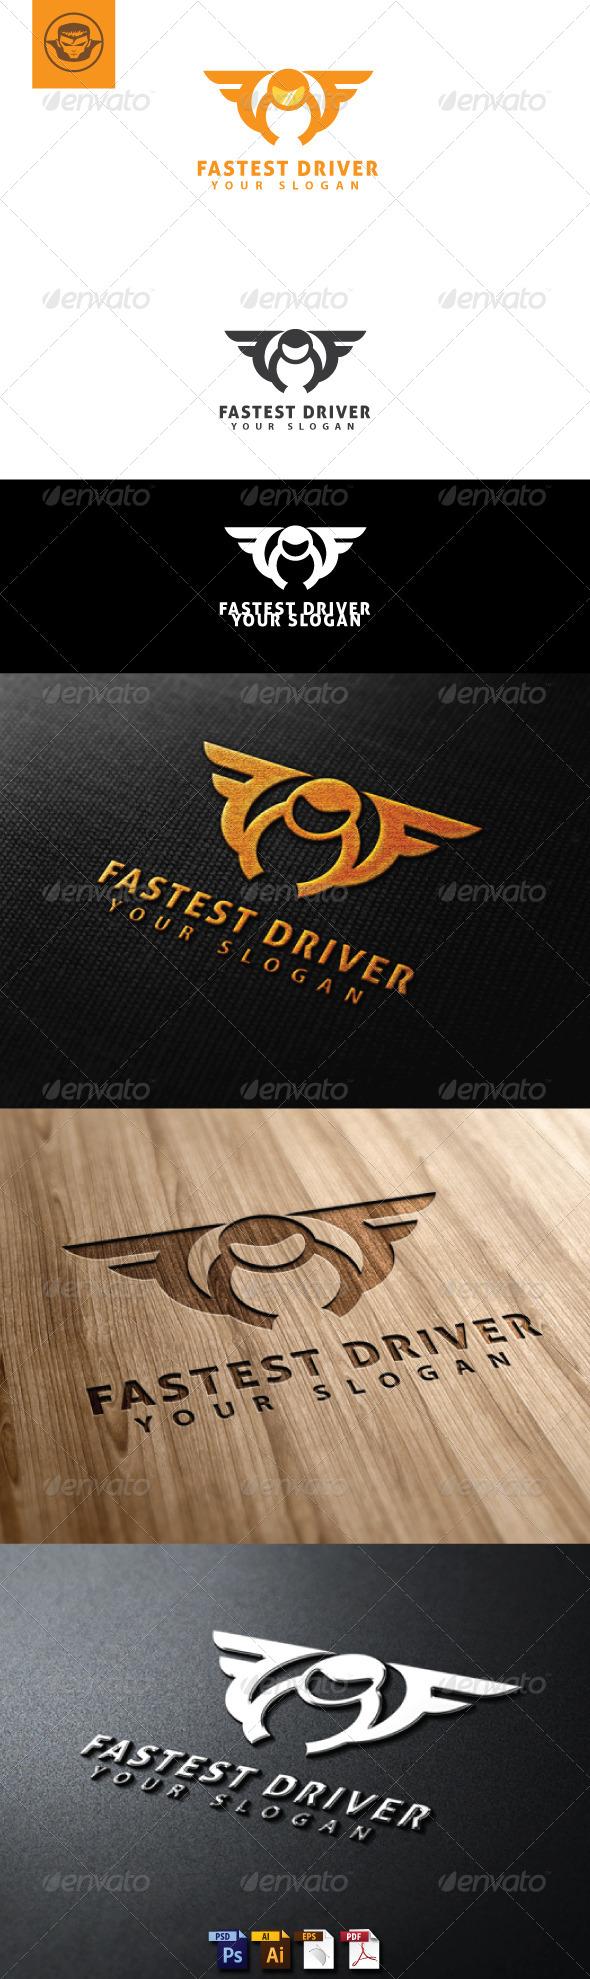 GraphicRiver Fastest Driver Logo Template 4759948